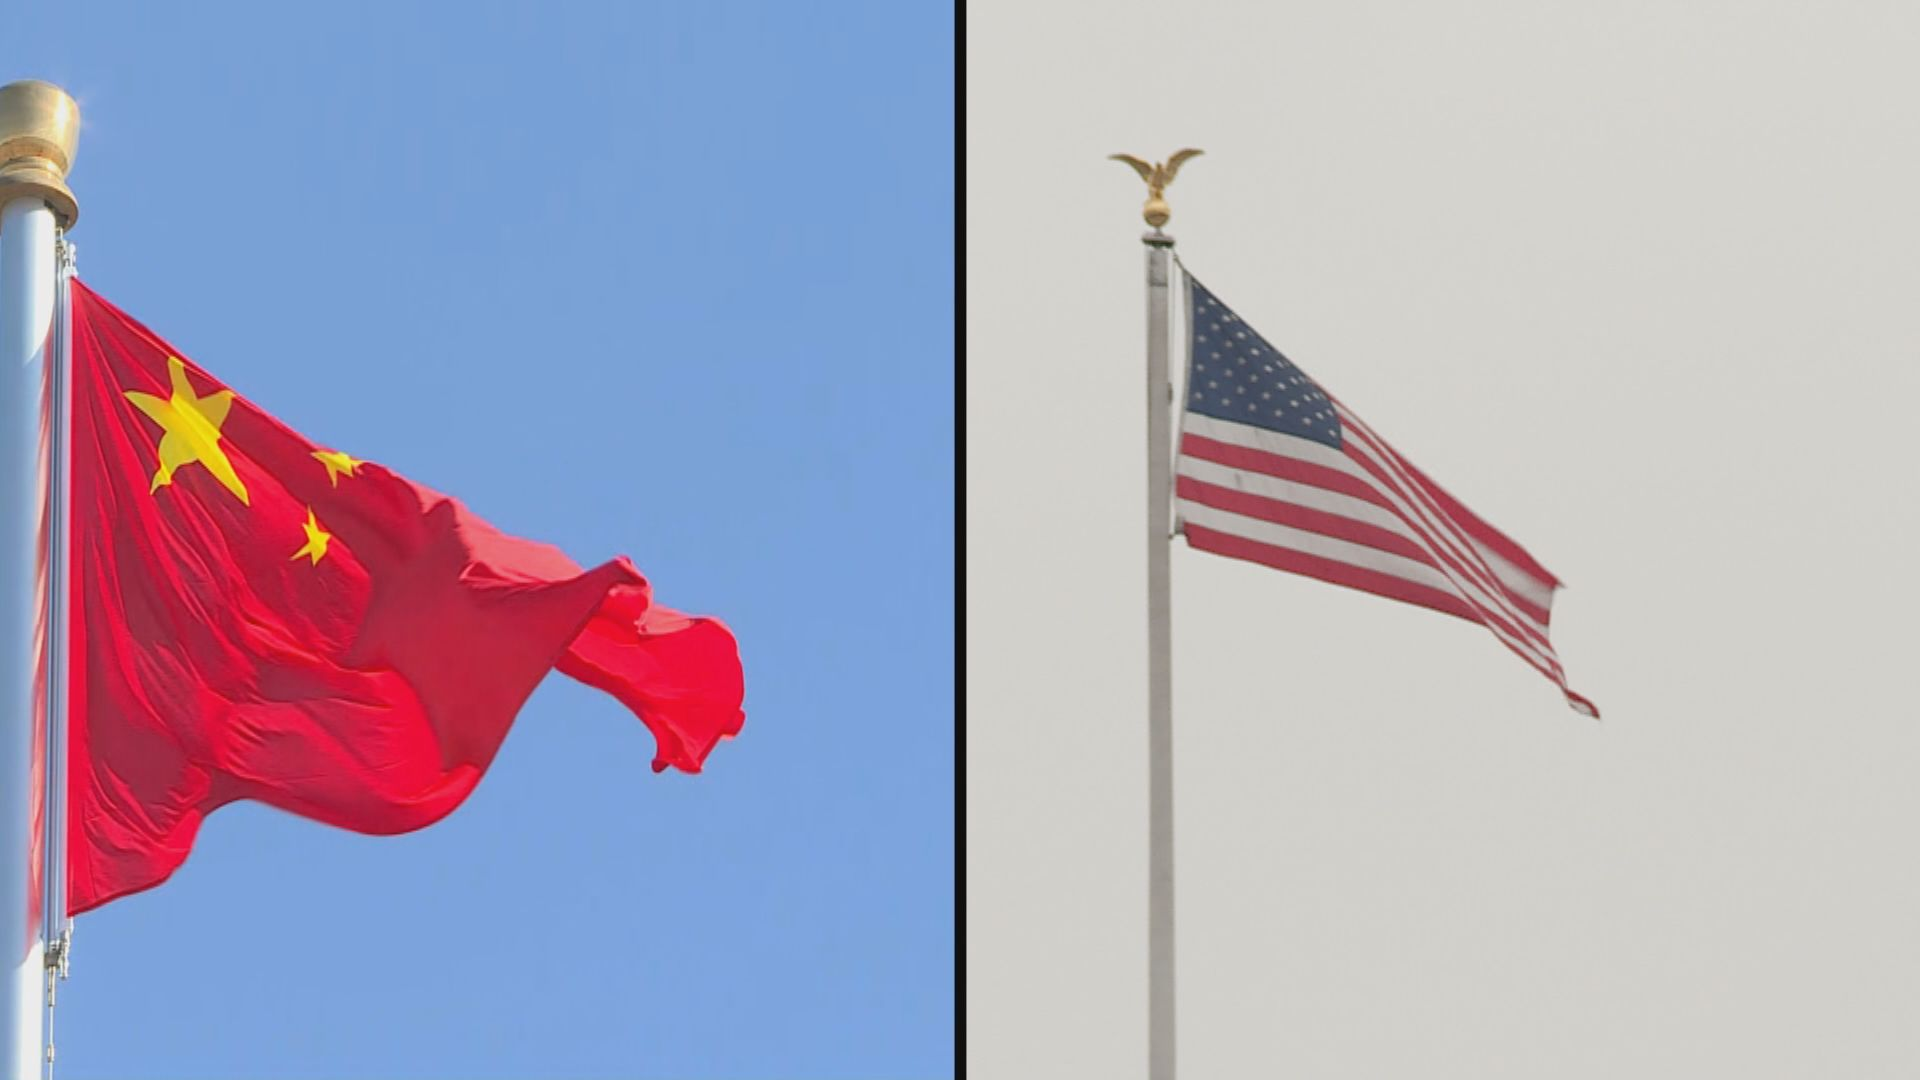 學者指美國以經濟手段報復中國或拖慢自身經濟復甦